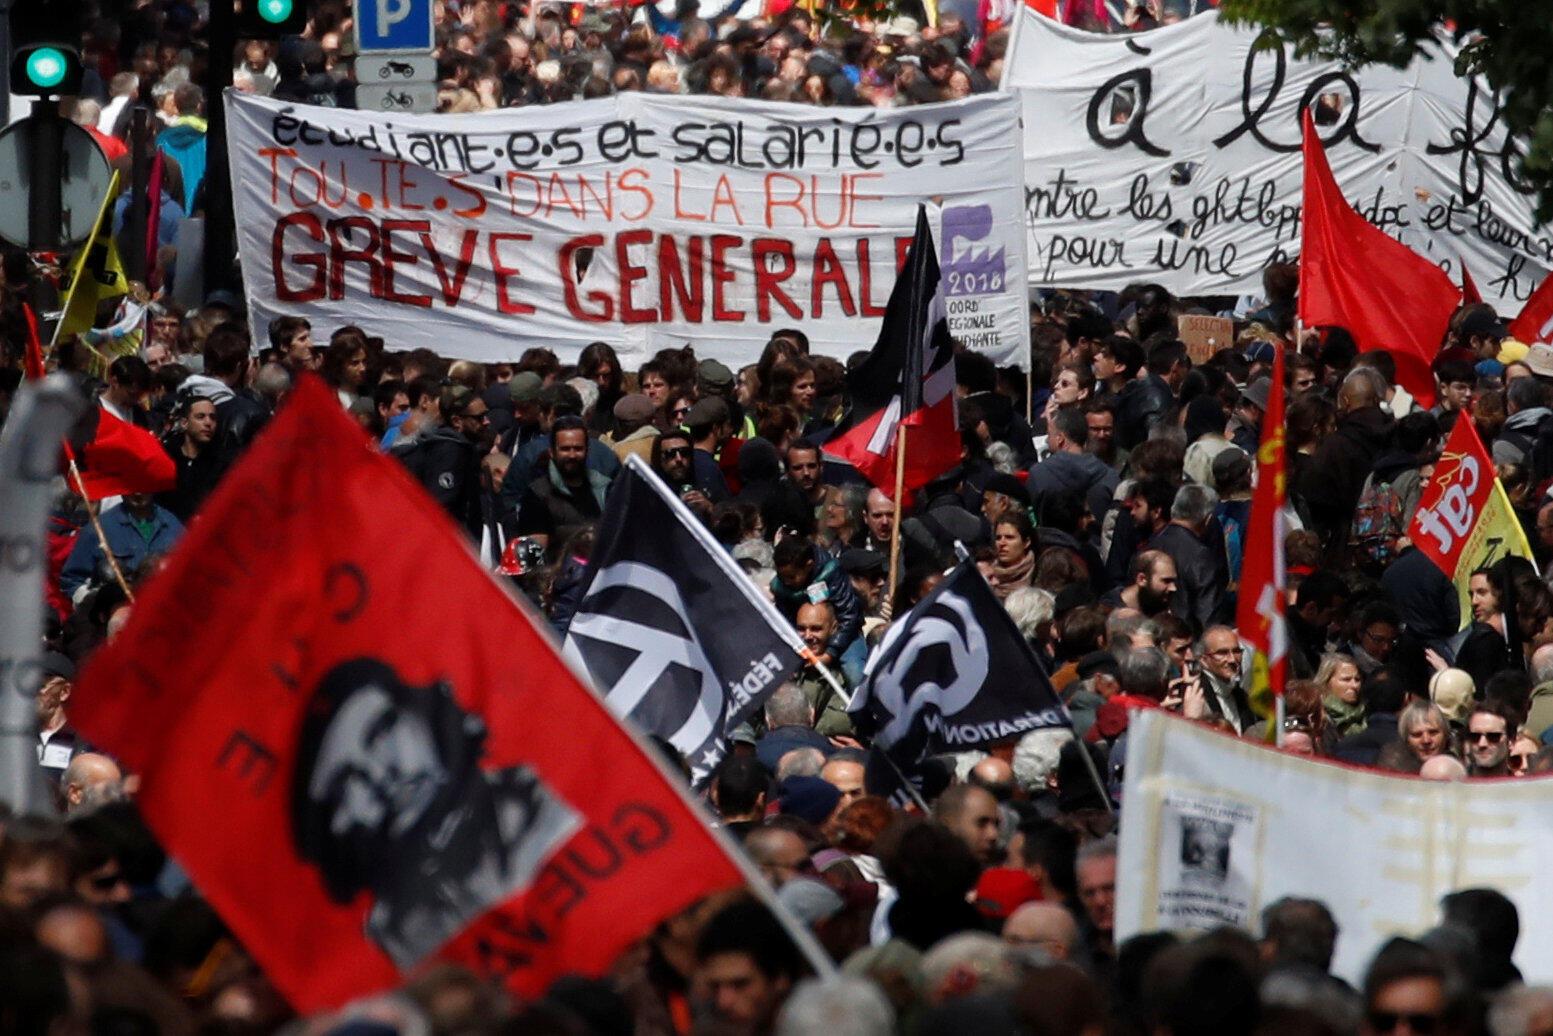 En París, la marcha sindical convocó entre 20.000 personas, según la policía, y 55.000, según el sindicato CGT.